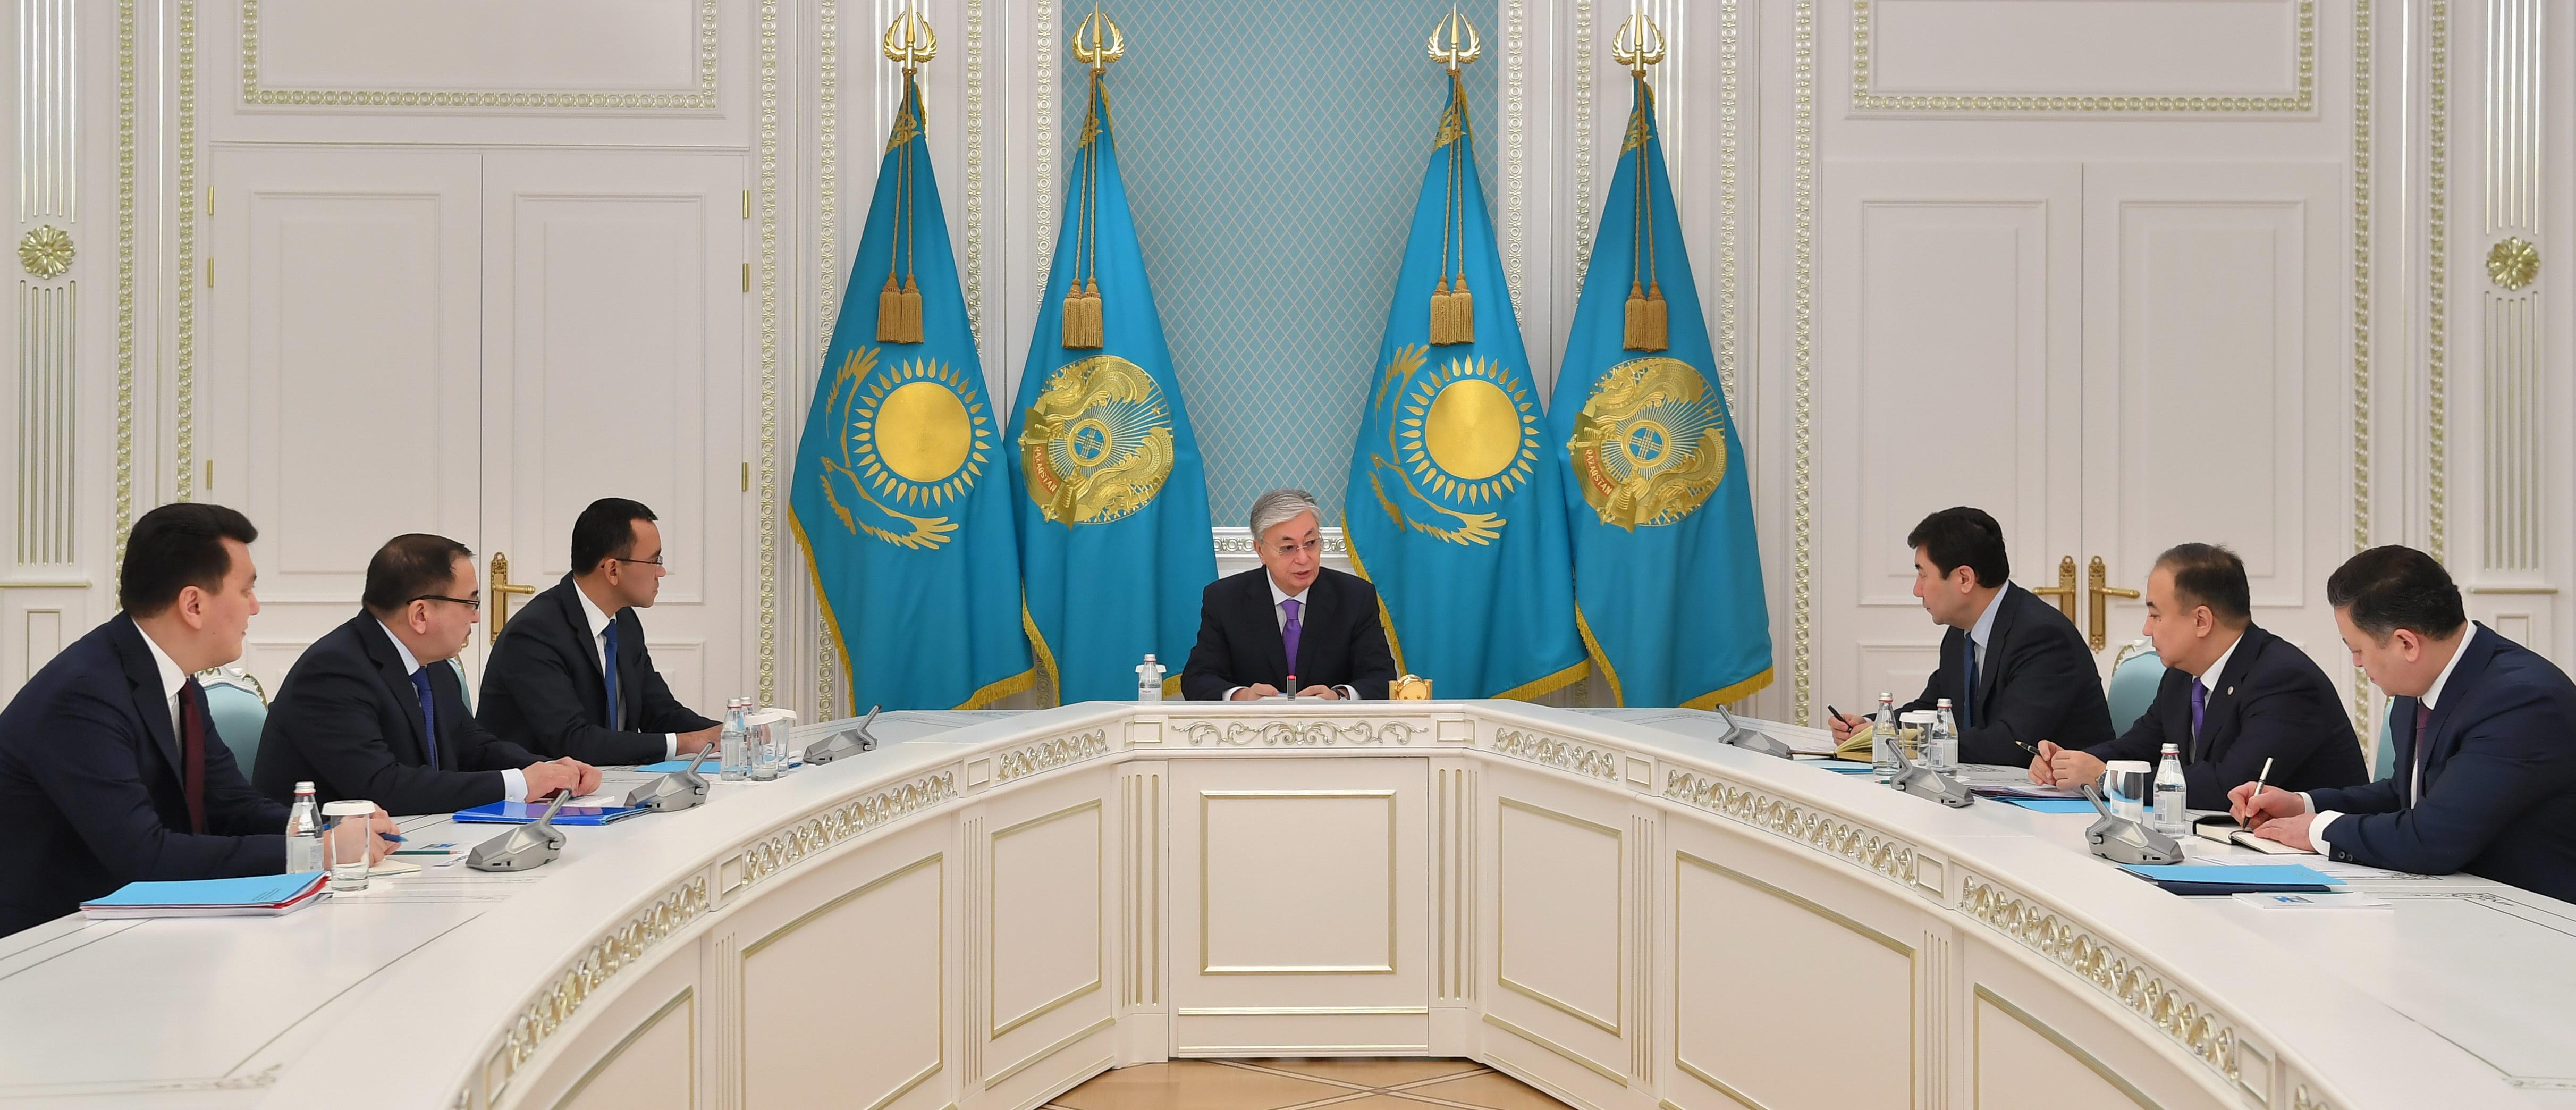 Токаев обозначил приоритеты работы на 2020 год для своей администрации